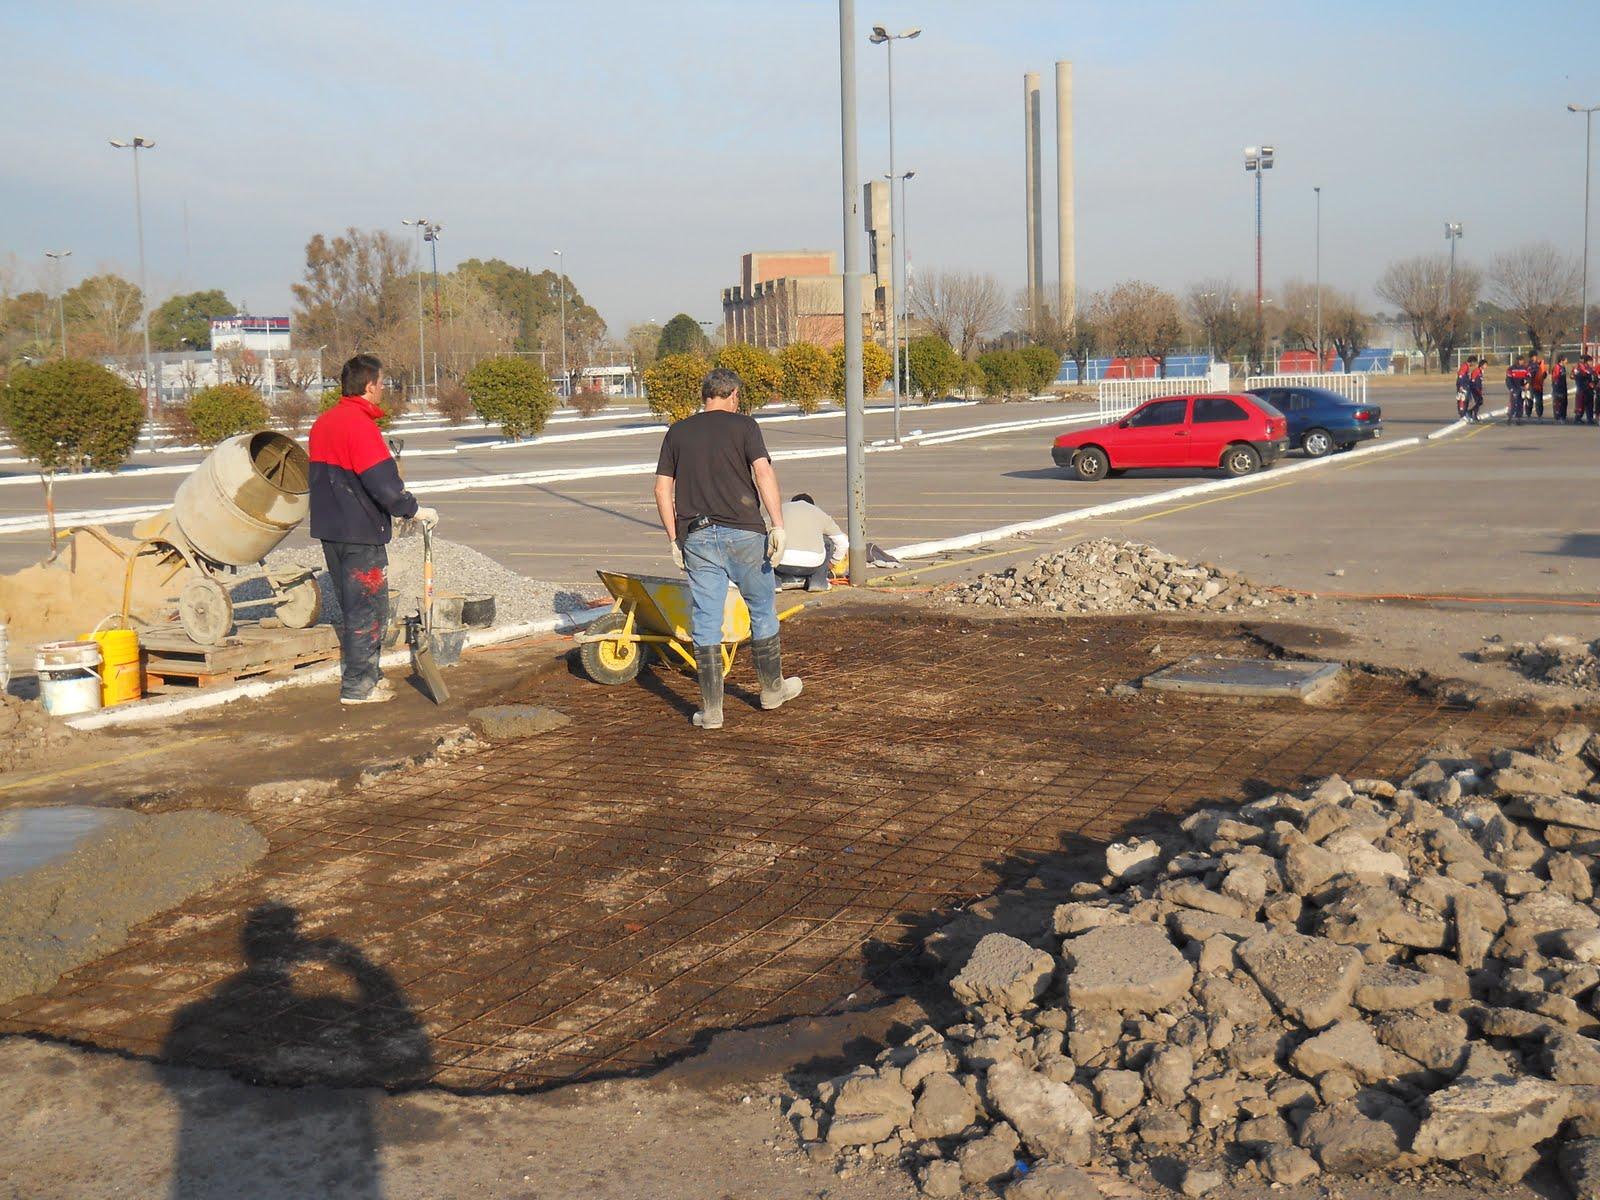 Soy san lorenzo siguen las mejoras en ciudad deportiva for Puerta 8 ciudad deportiva